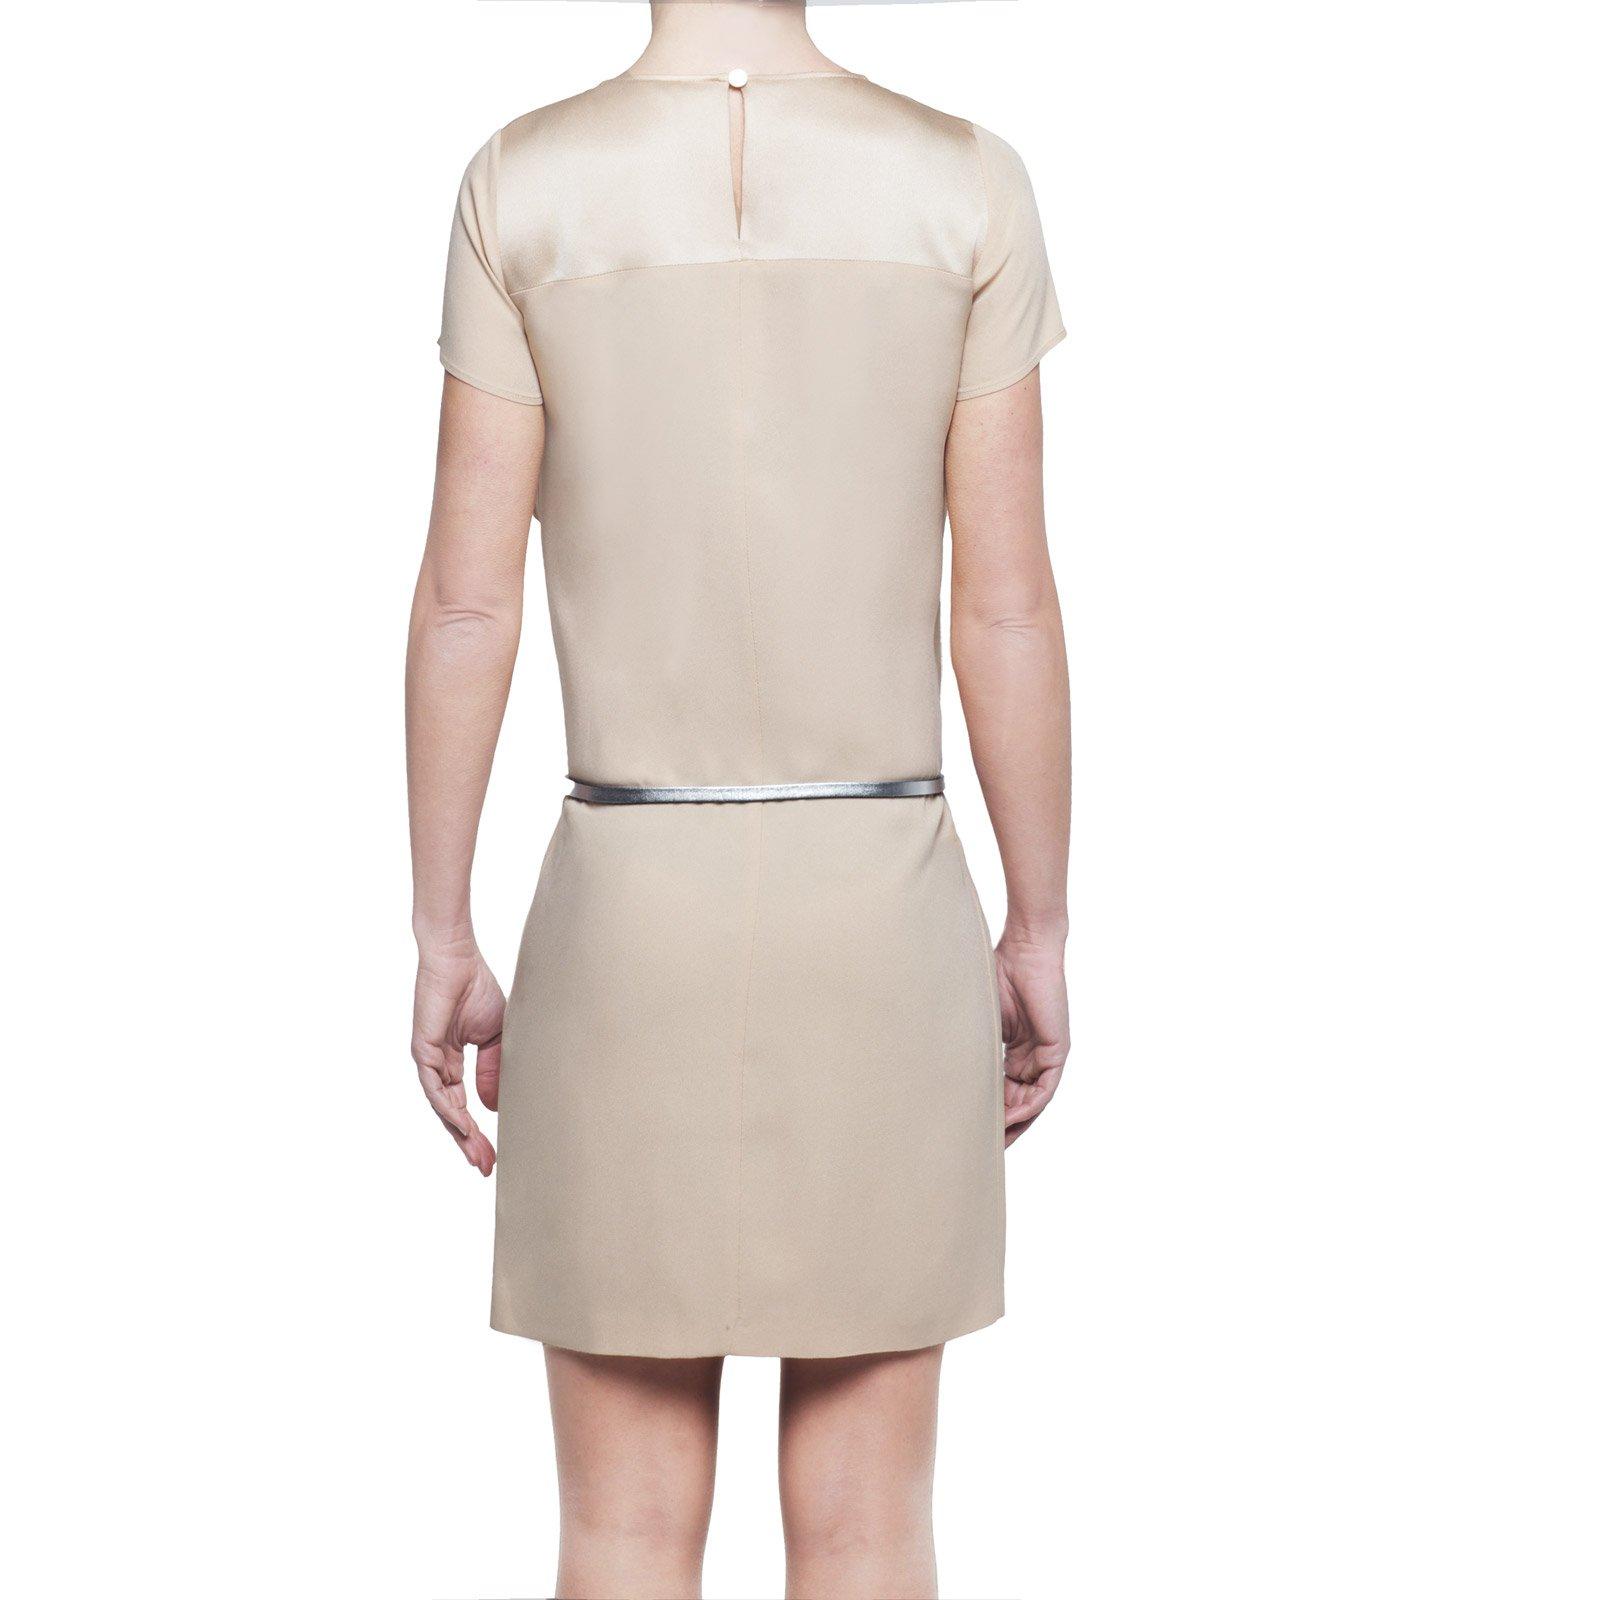 Patrizia Pepe abito corto donna beige con cintura maniche corte IT 38